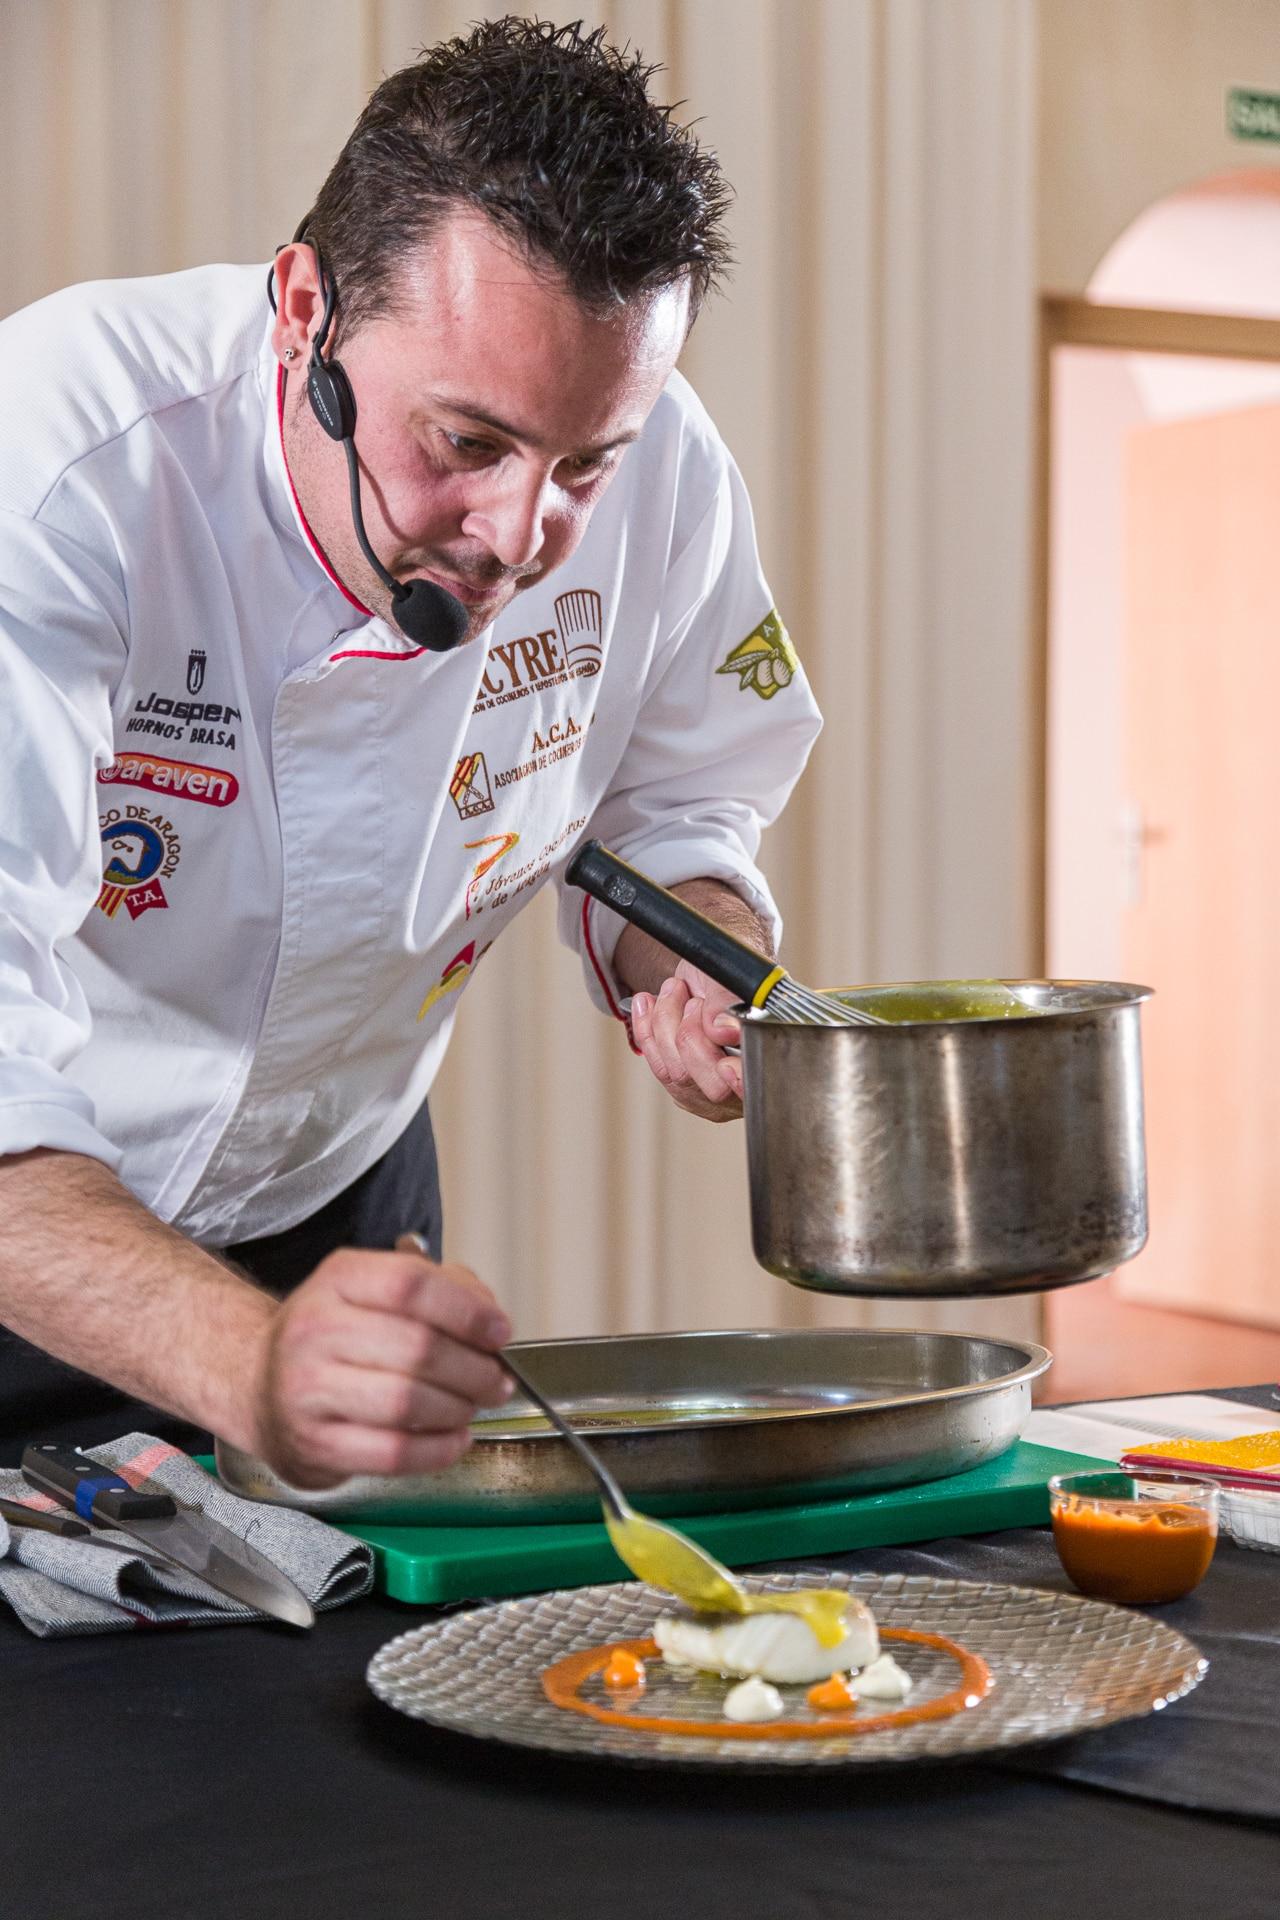 La Asociación de Cocineros de Aragón (ACA) colabora un año más con el Festival En Clave de Aragón